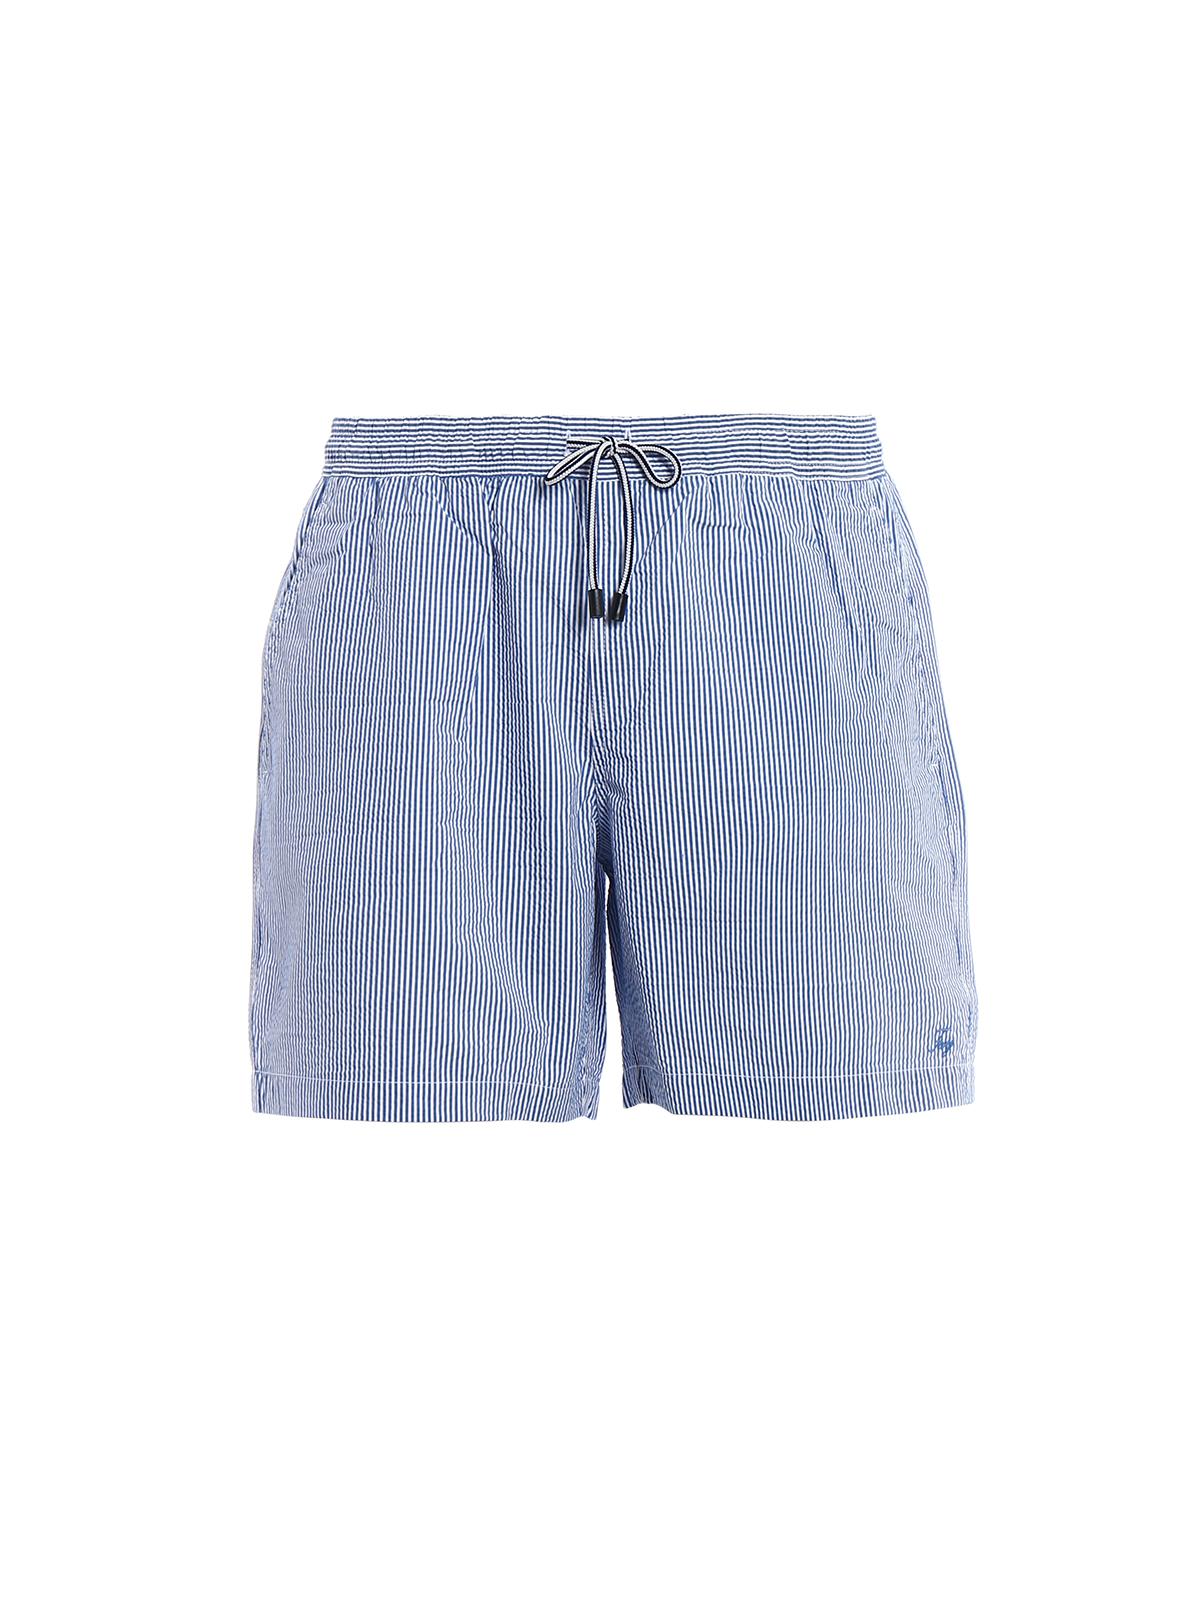 e46b863dc5a78 Fay - Cotton blend swim shorts - Swim shorts & swimming trunks ...